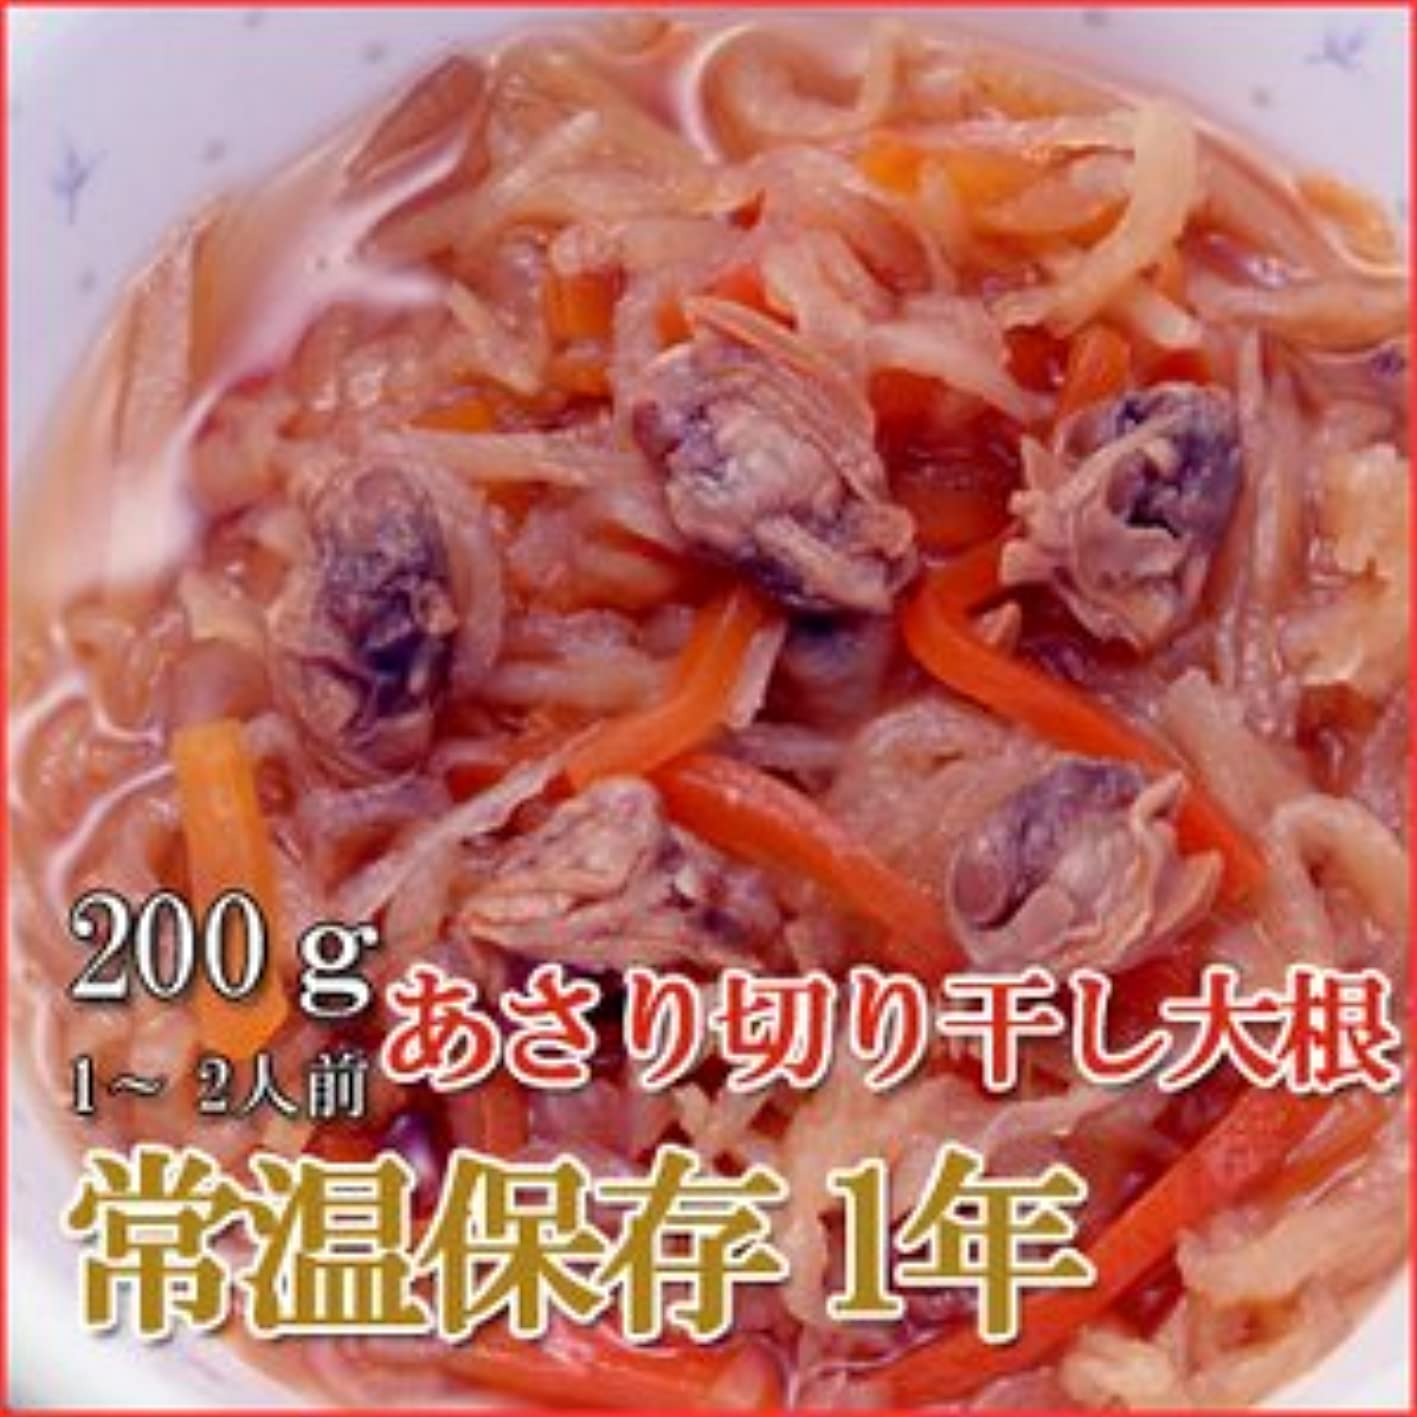 港刃正午レトルト 和風 煮物 あさり 切り干し大根 200g (1-2人前) X3個セット (和食 おかず 惣菜)